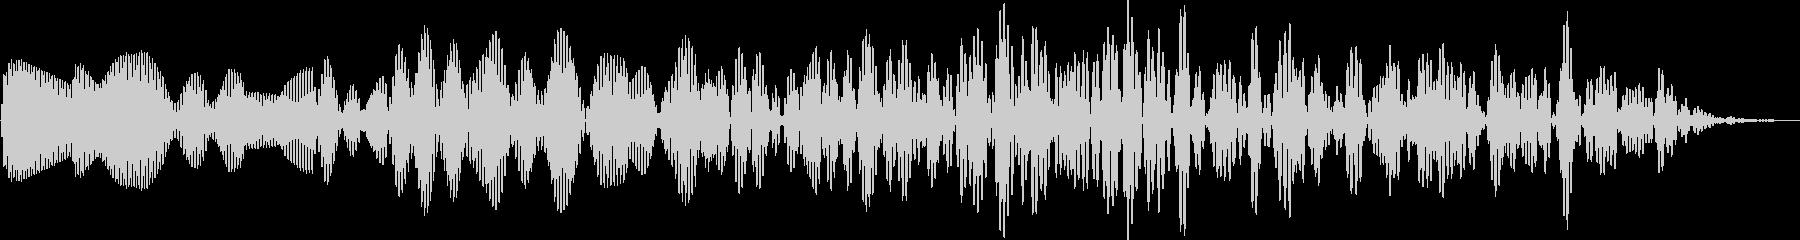 AMGアナログFX42の未再生の波形